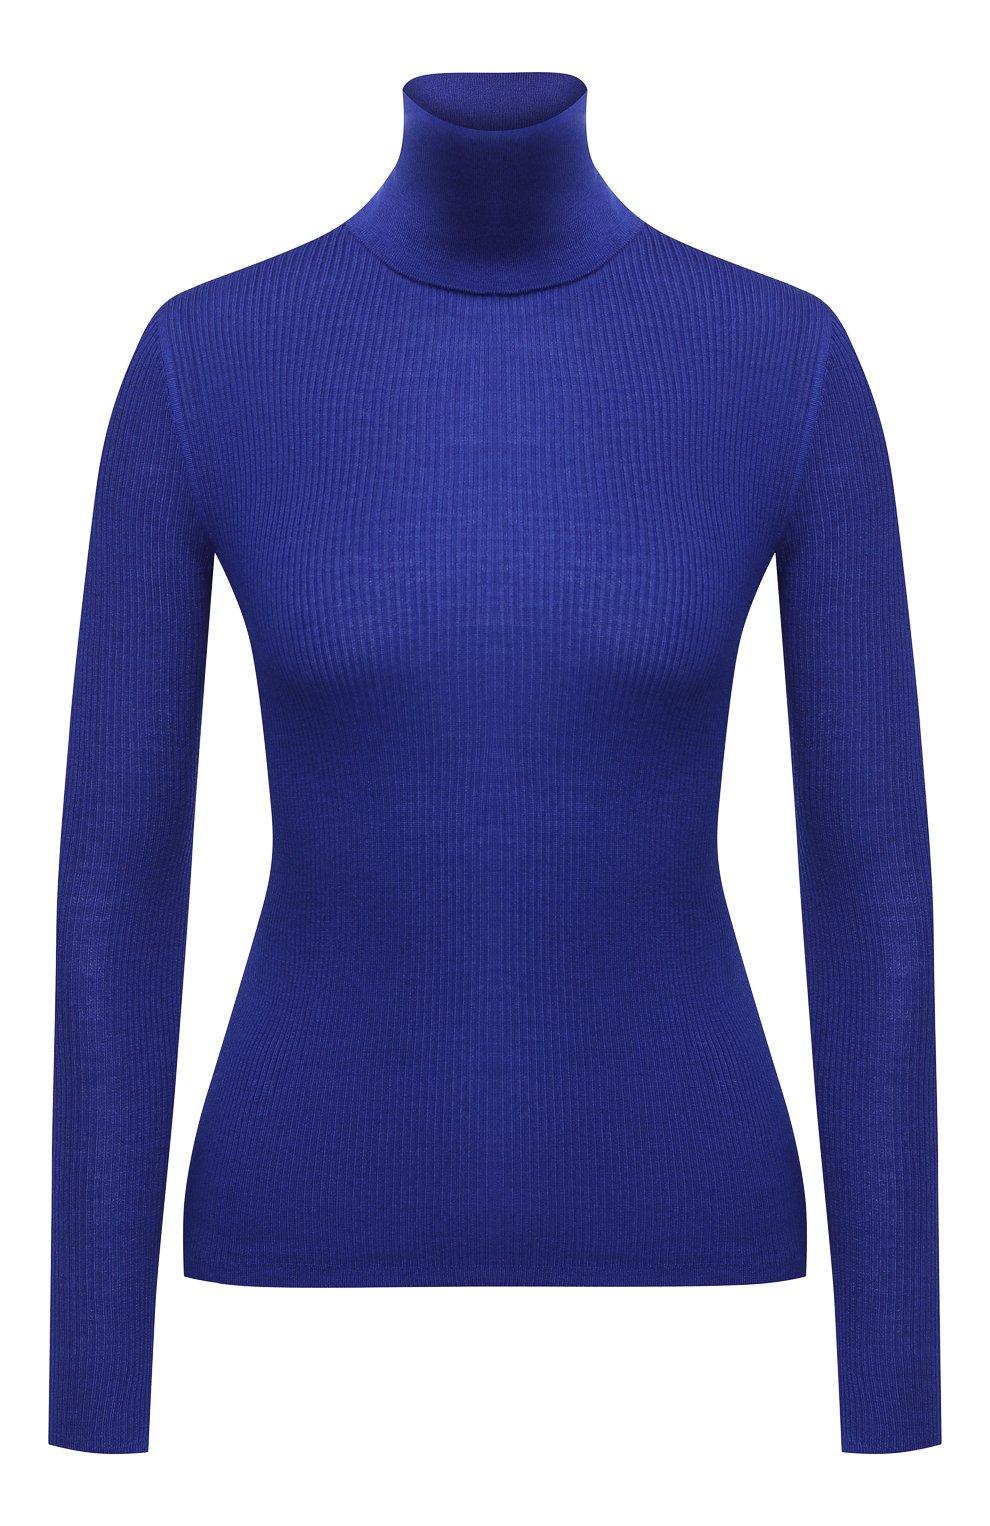 Женская водолазка из кашемира и шерсти SAINT LAURENT синего цвета, арт. 637869/YAPK2 | Фото 1 (Женское Кросс-КТ: Водолазка-одежда; Материал внешний: Шерсть, Шелк, Кашемир; Рукава: Длинные; Длина (для топов): Стандартные; Стили: Кэжуэл)